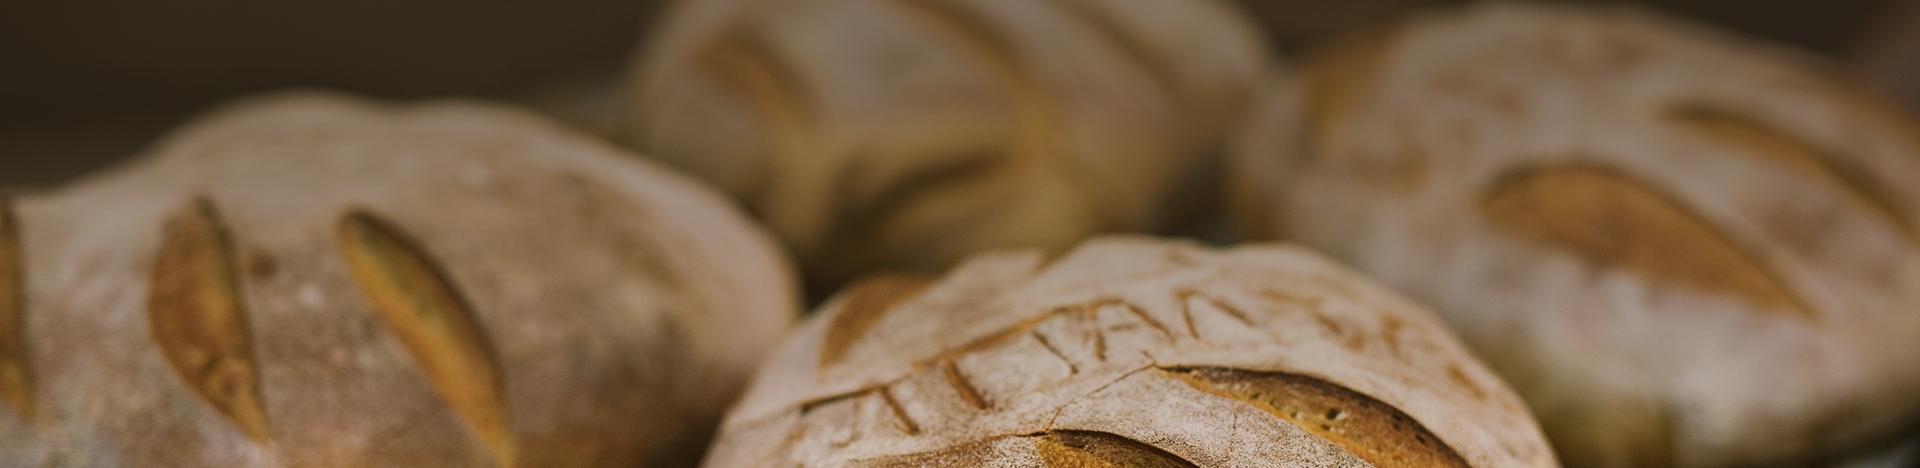 Φούρνος Μπαλτάς | Homade Ψωμιά delivery